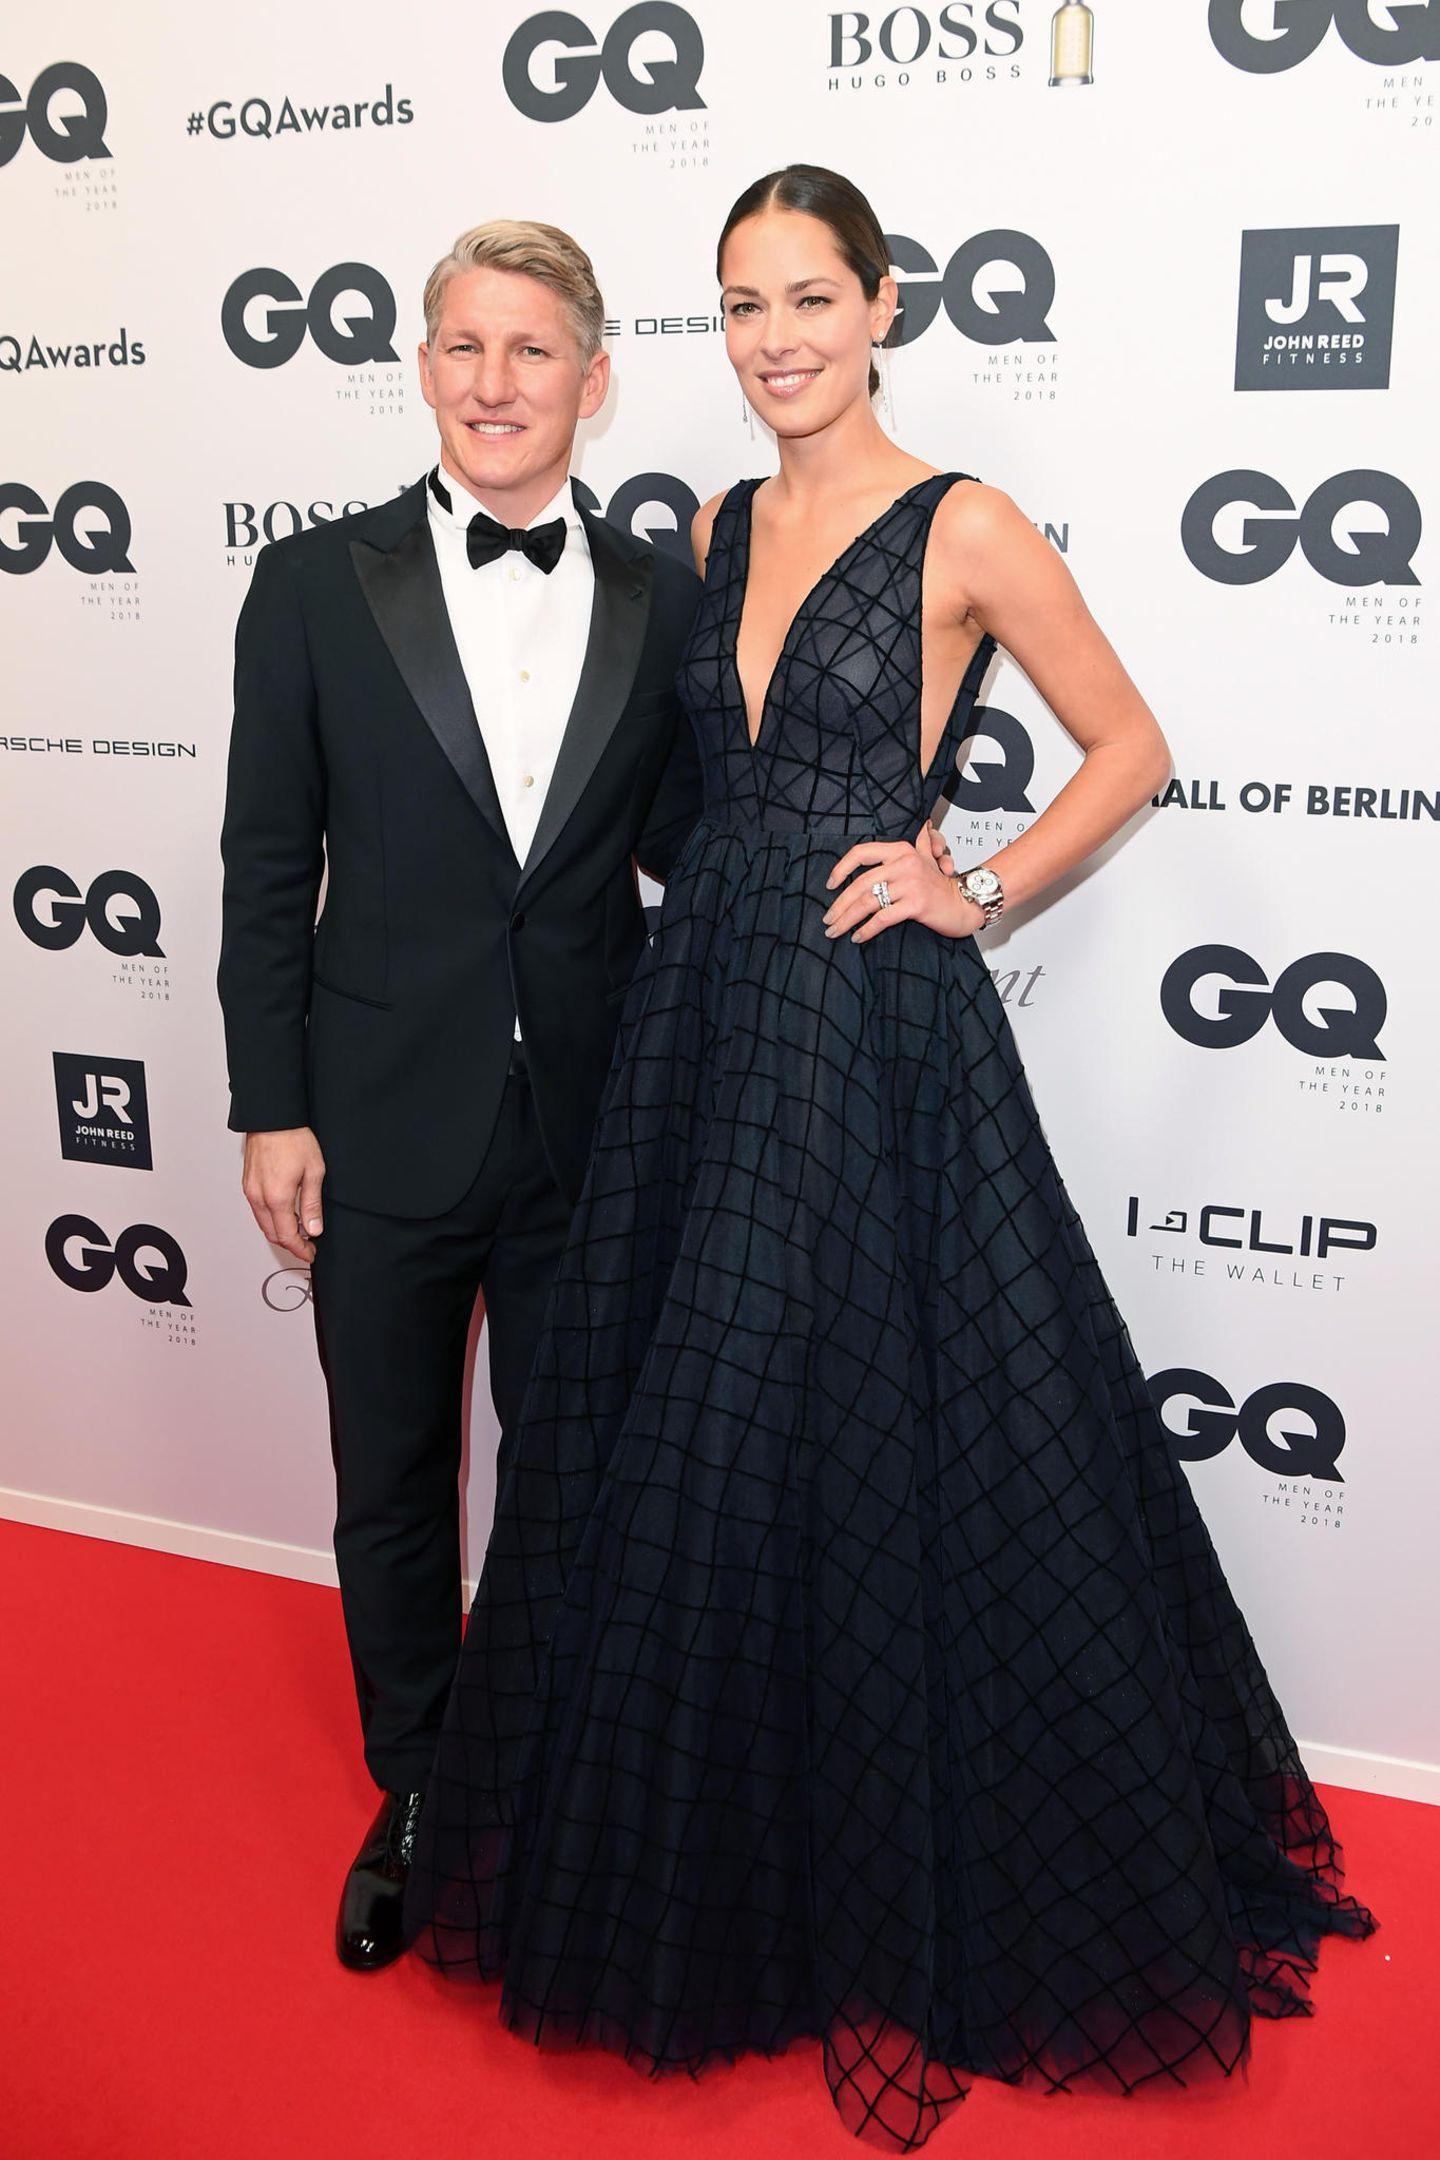 """Bastian Schweinsteiger und Ana Ivanovic zeigen einmal mehr, was für ein wunderschönes Paar sie doch sind. Und Anna lässt in ihrer Traumrobe ganz schön tief blicken. Der Fußballer bekommt den """"Sports Icon""""-Preis für seine herausragenden sportlichen Erfolge überreicht."""